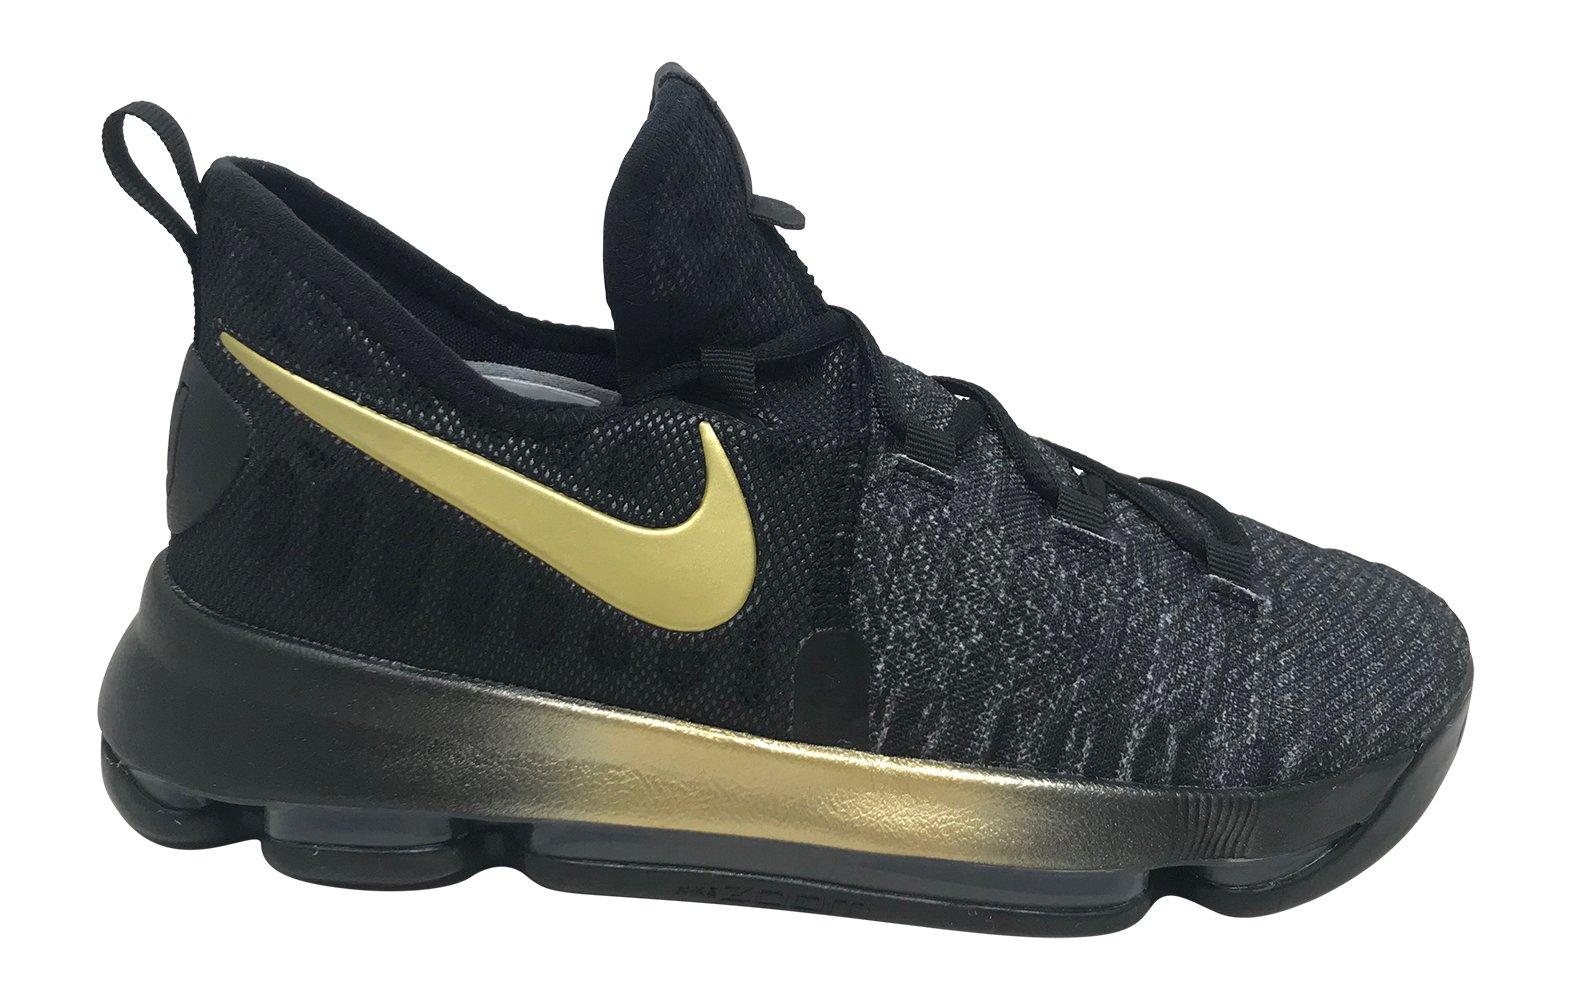 fe8402261552 NIKE Kids Zoom KD 9 (GS) Basketball Shoe Size 6Y Black Tour Yellow